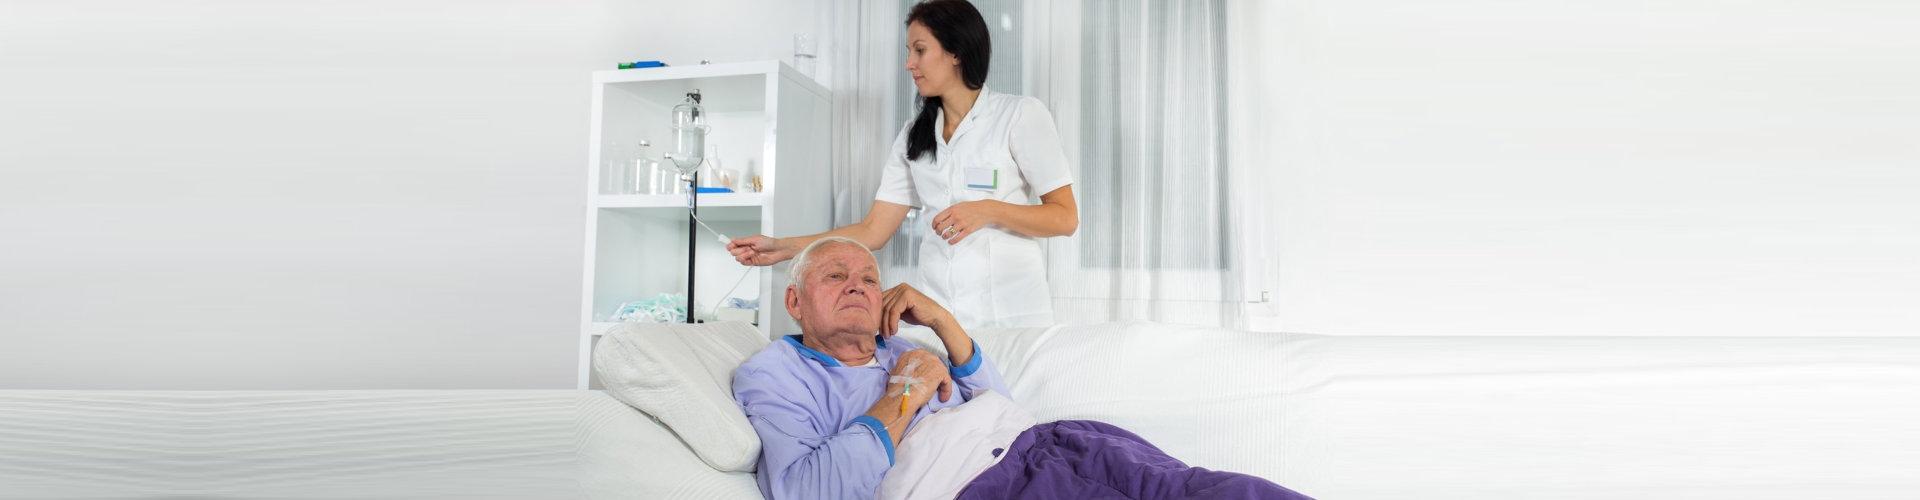 nurse checking elder man's dextrose level